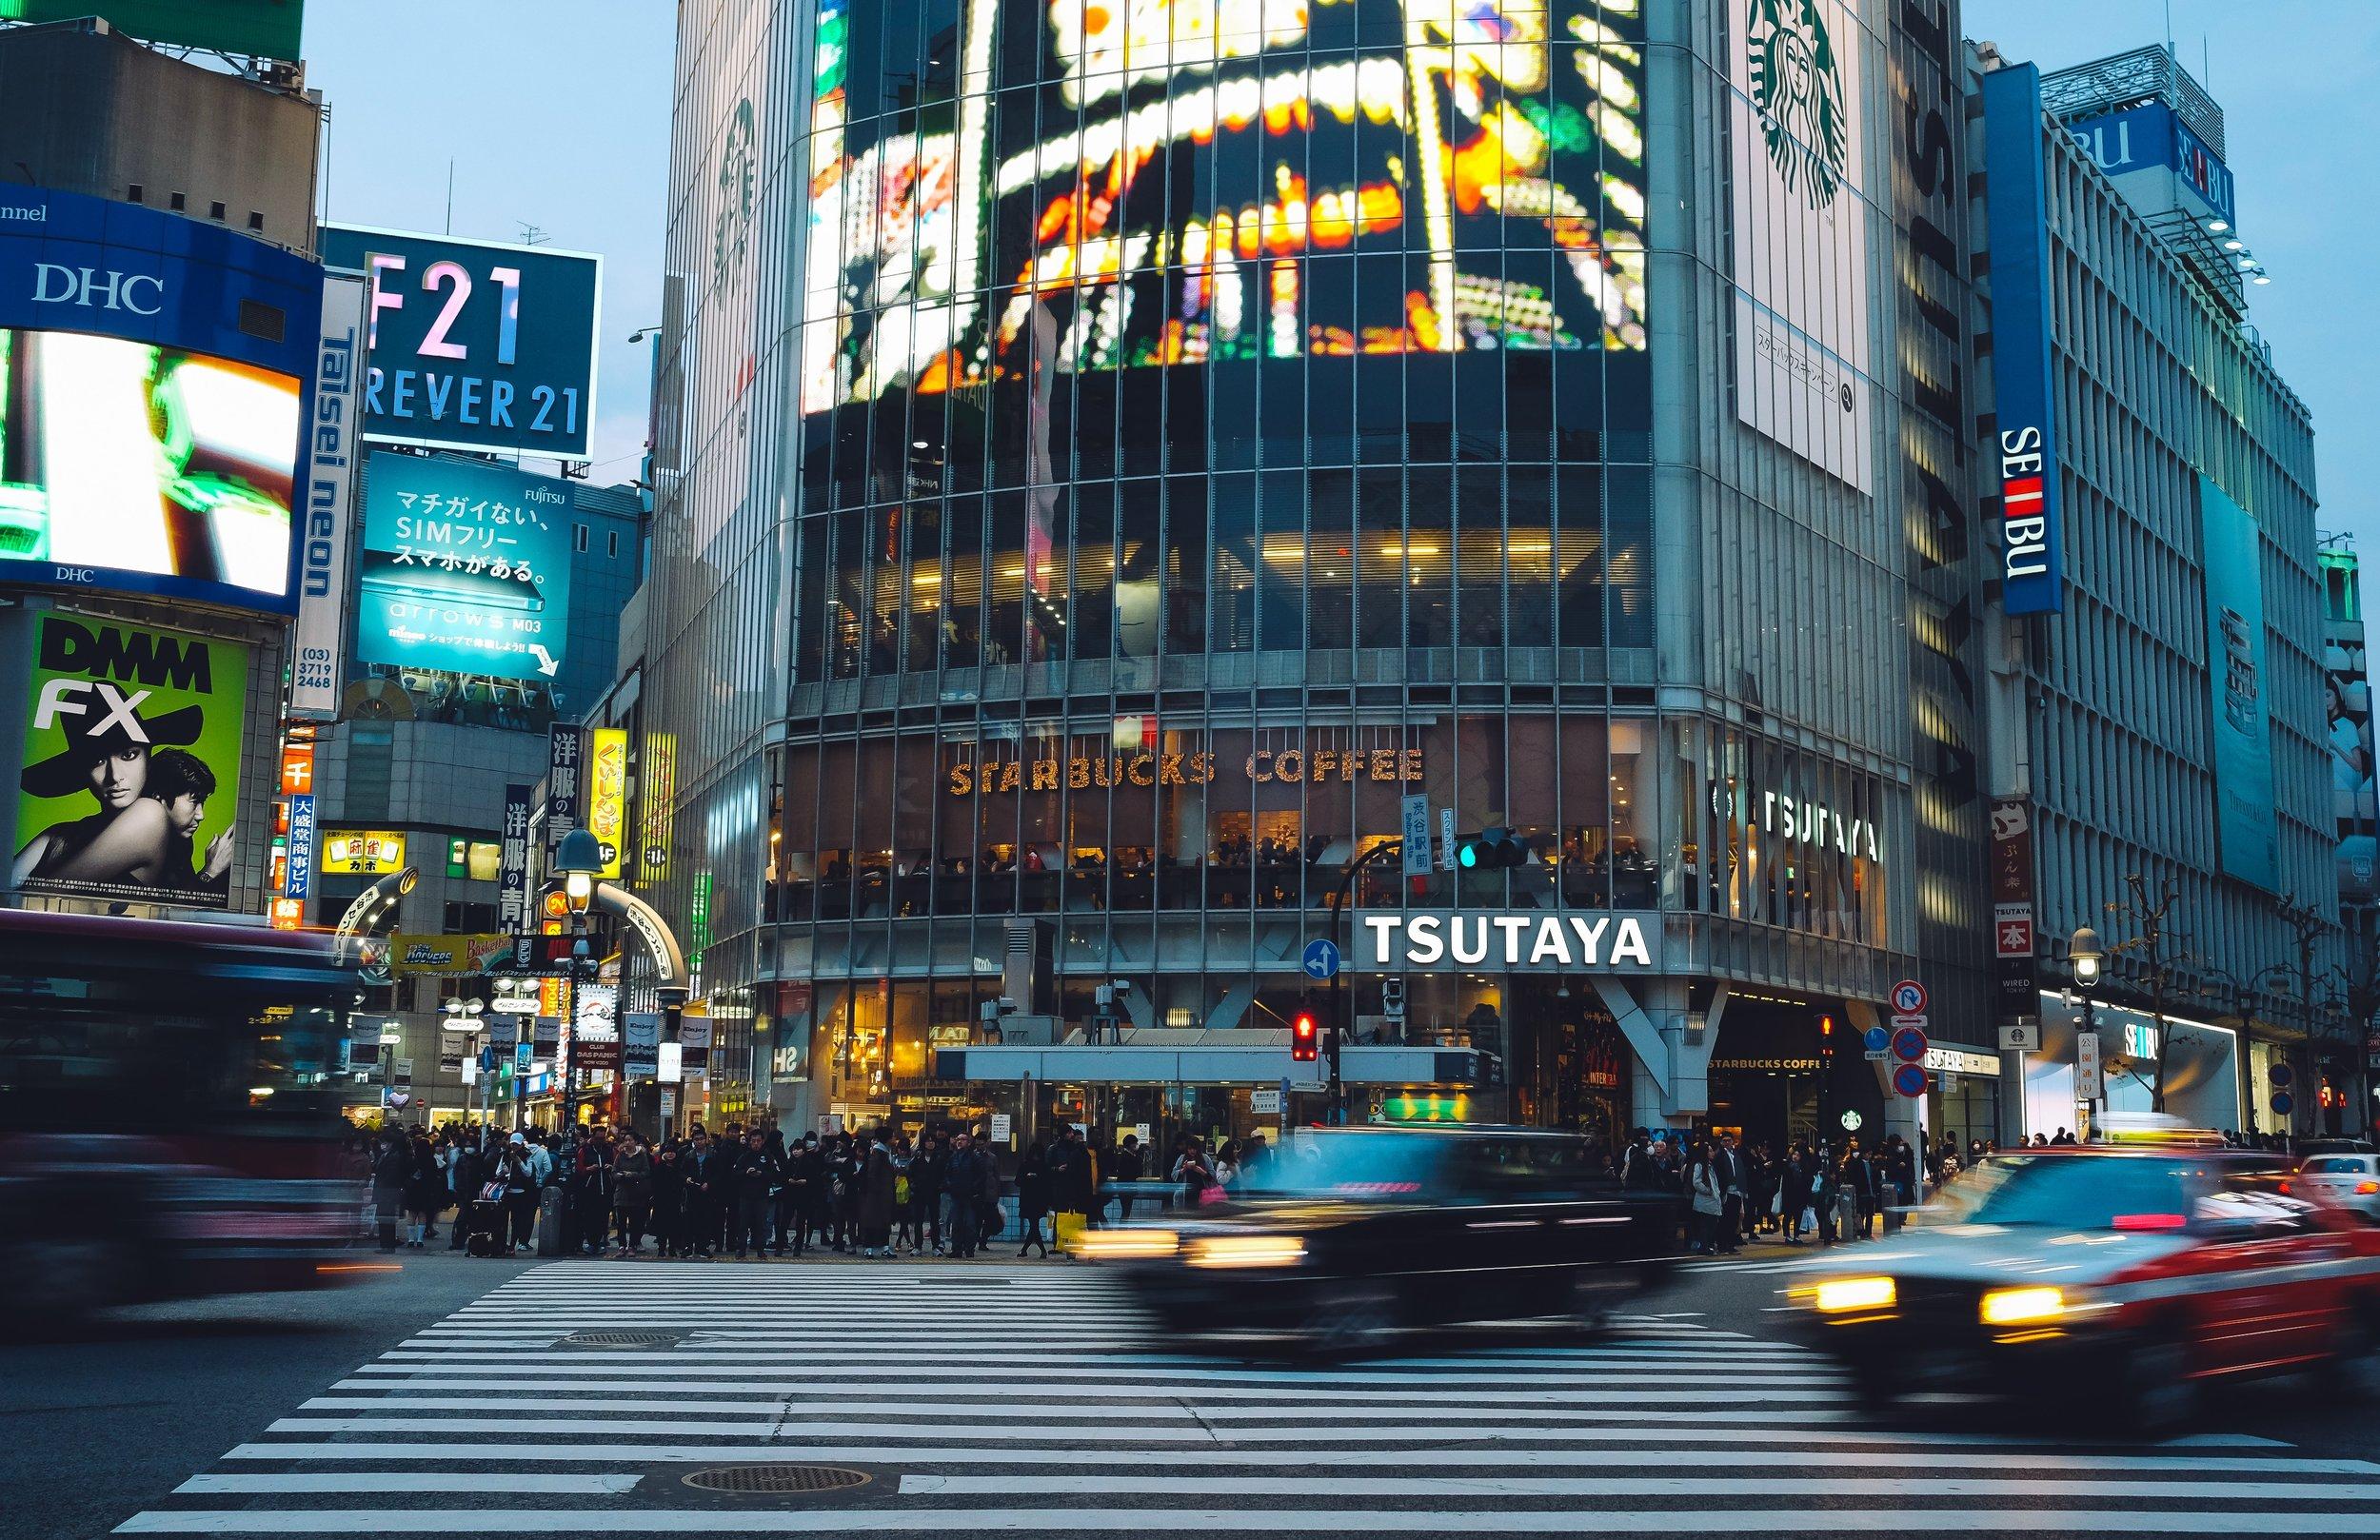 cars passing by on street in japan.jpg